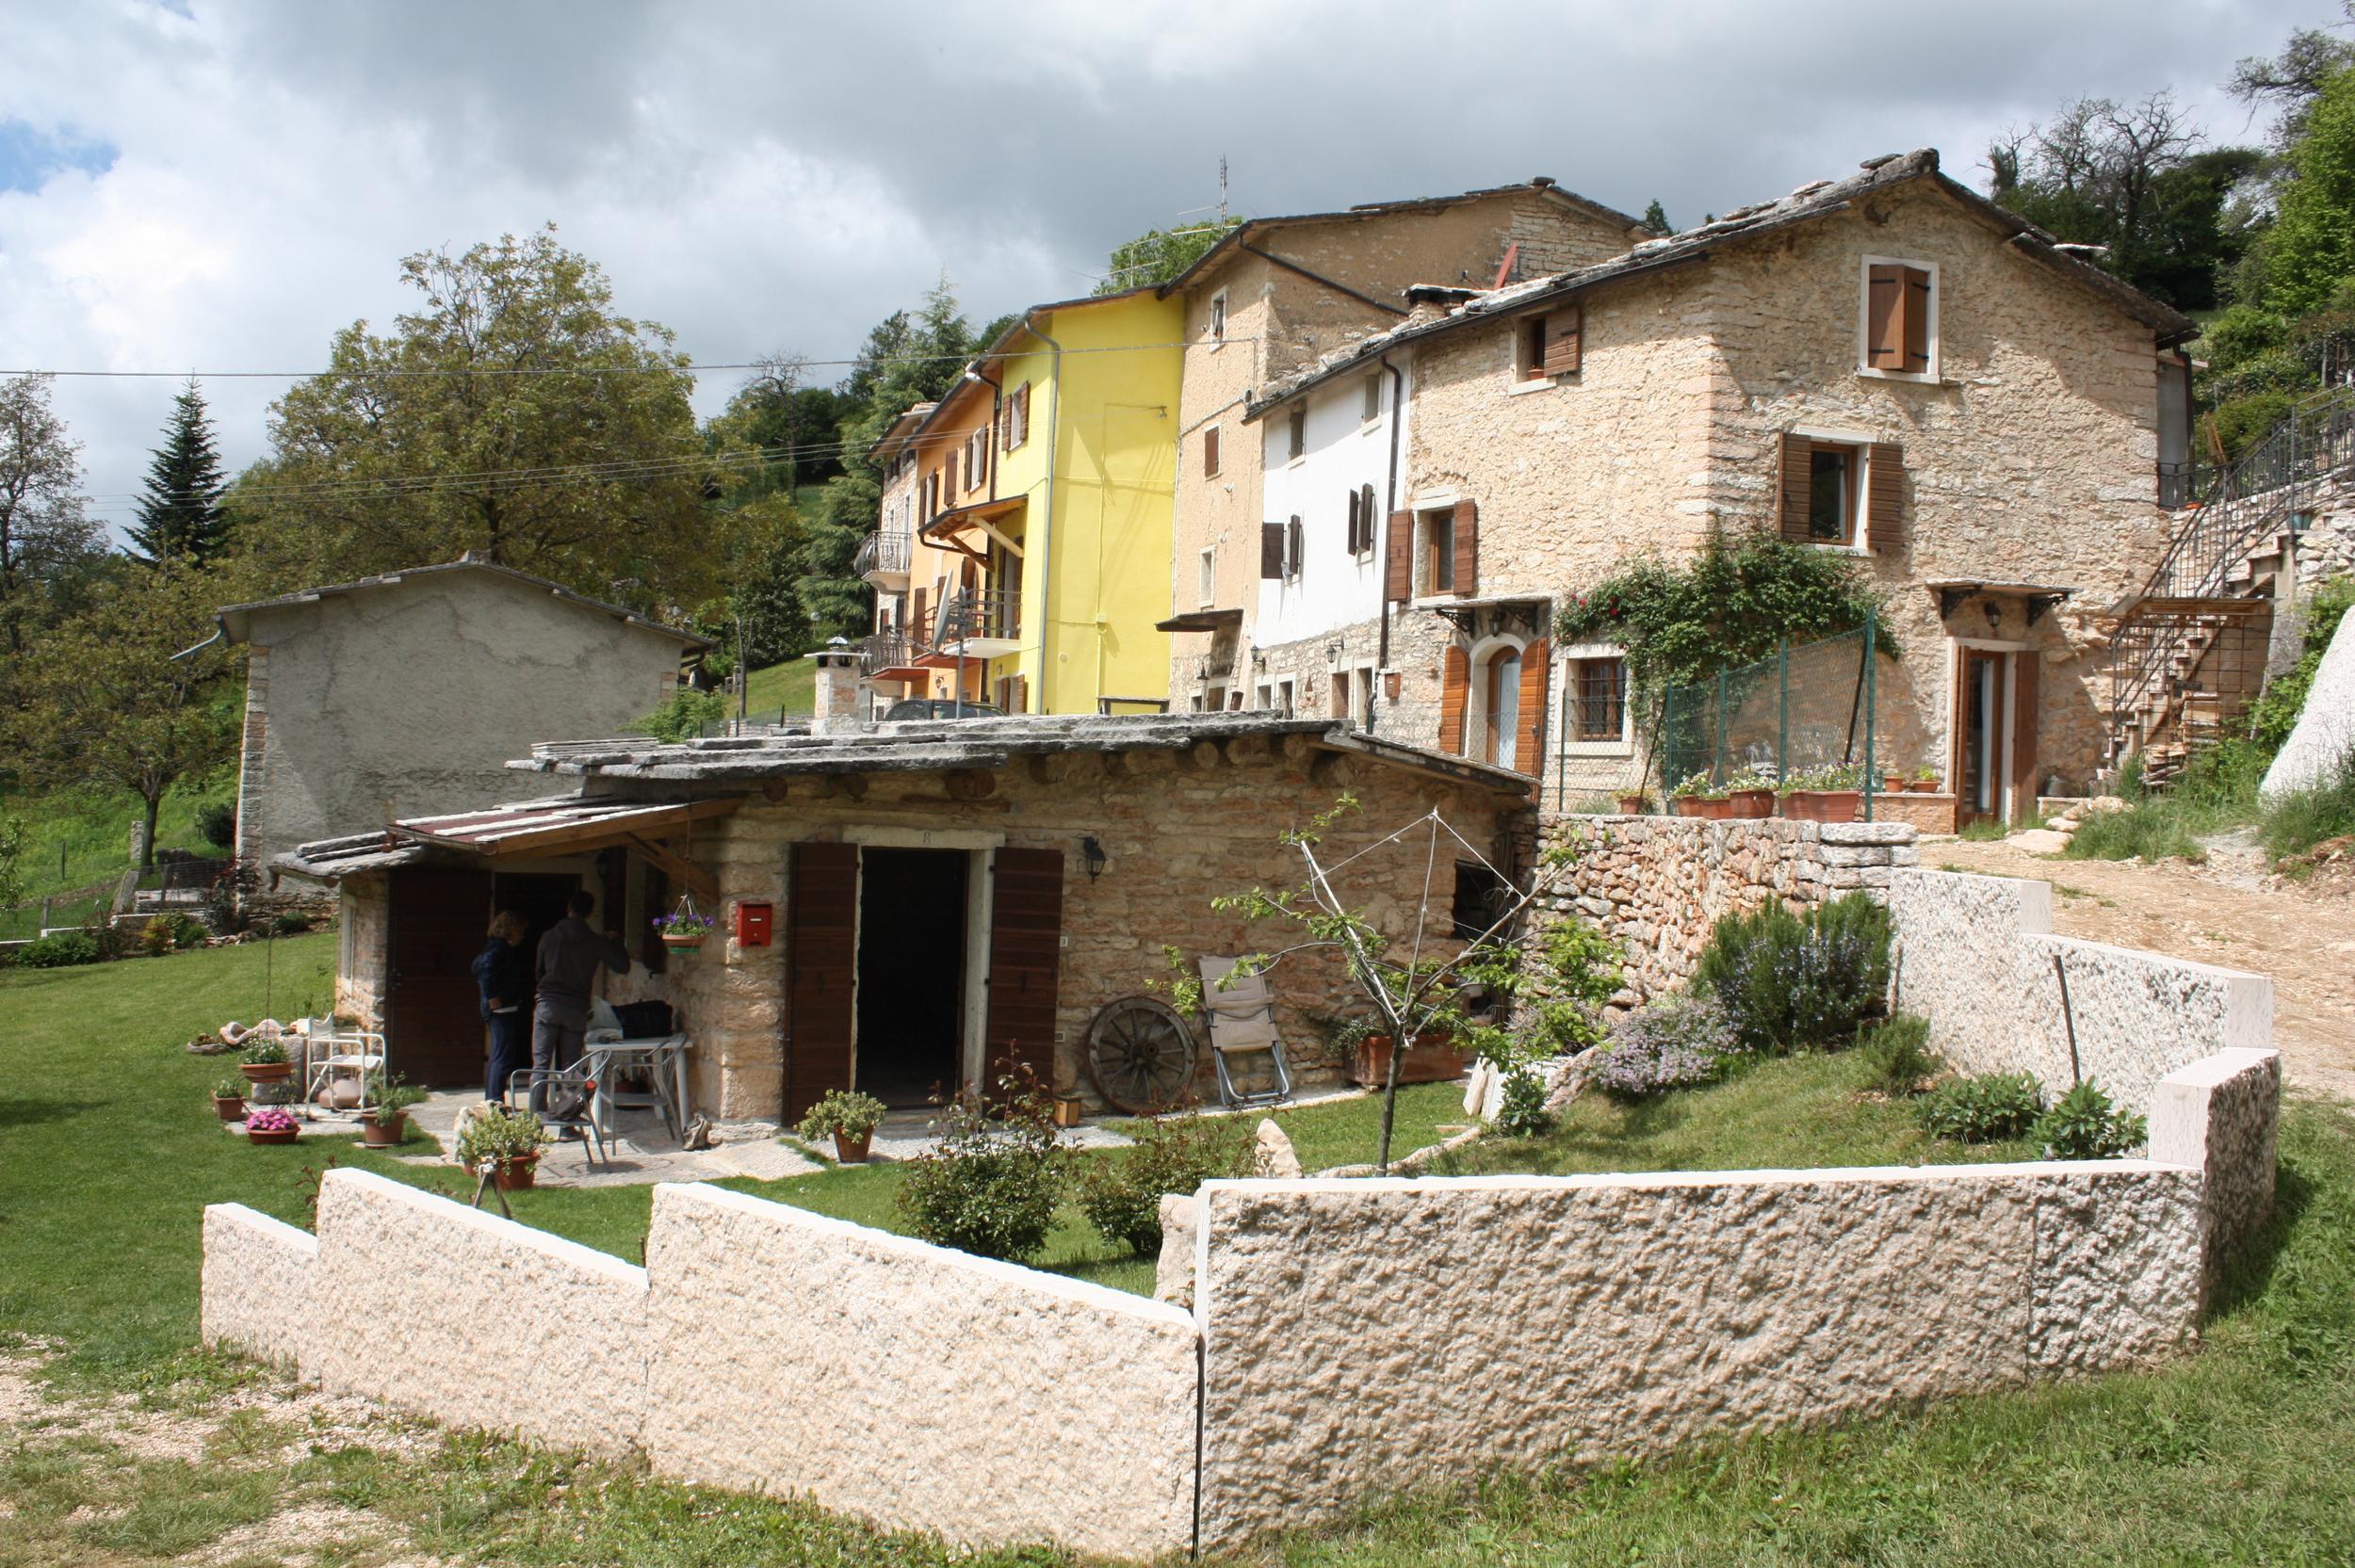 Nuovo progetto di ampliamento a Sant'Anna d'Alfaedo (Vr)